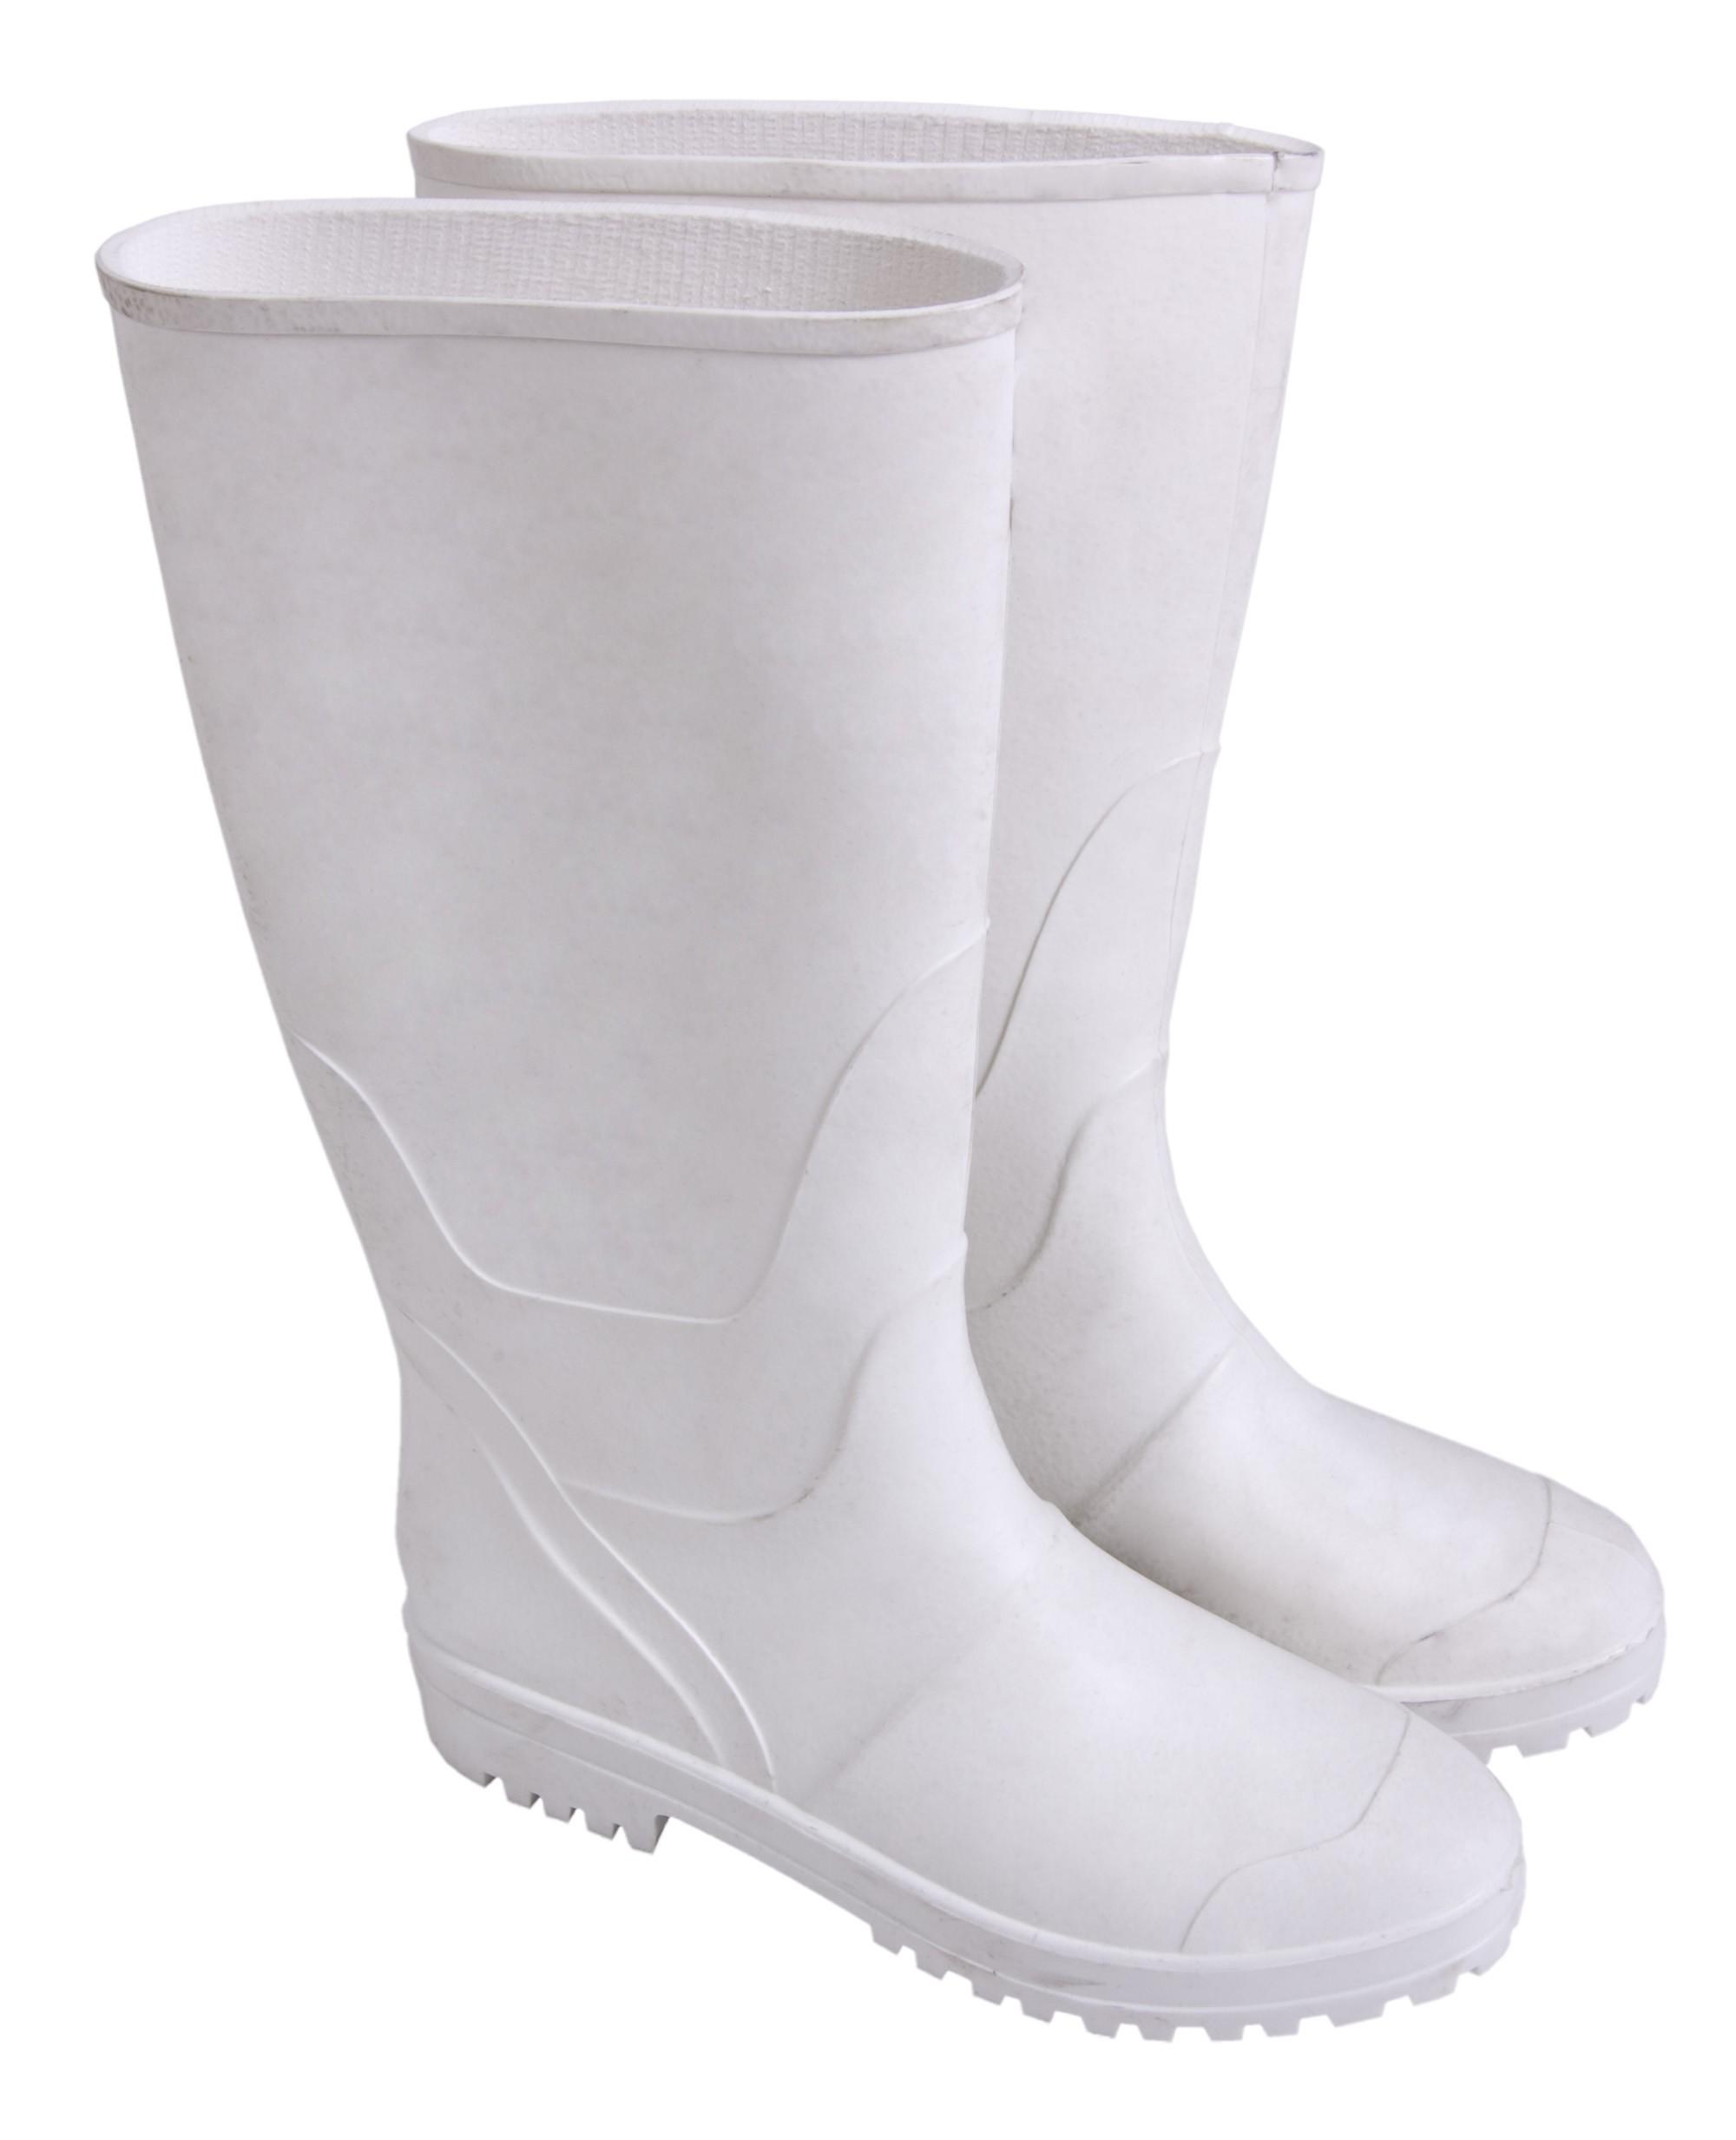 Galochas de trabalho / calçado de segurança industrial